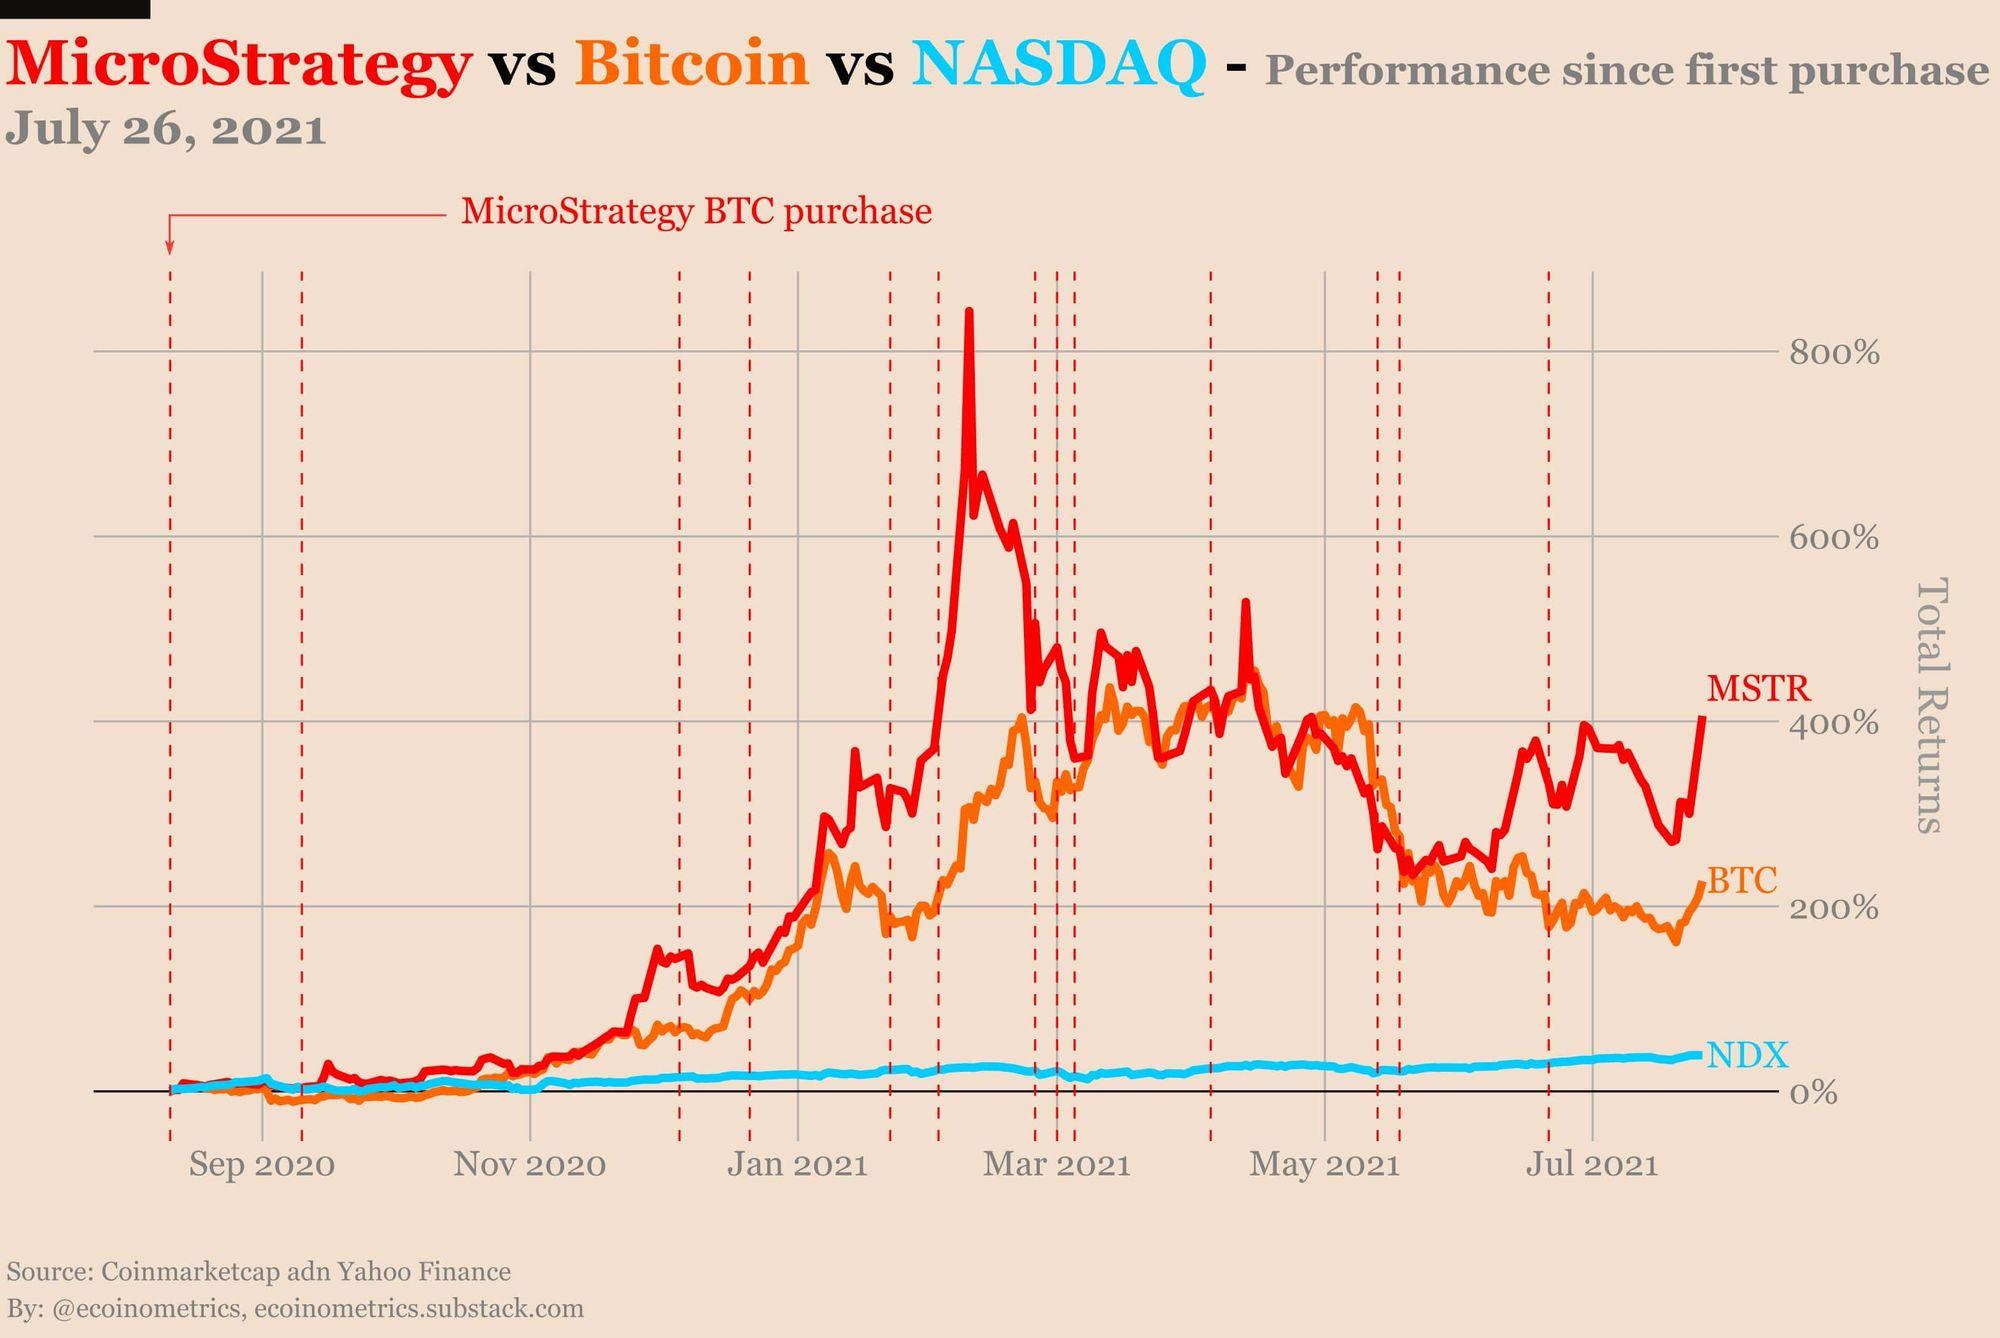 Performance von MicroStrategy versus Bitcoin versus NASDAQ